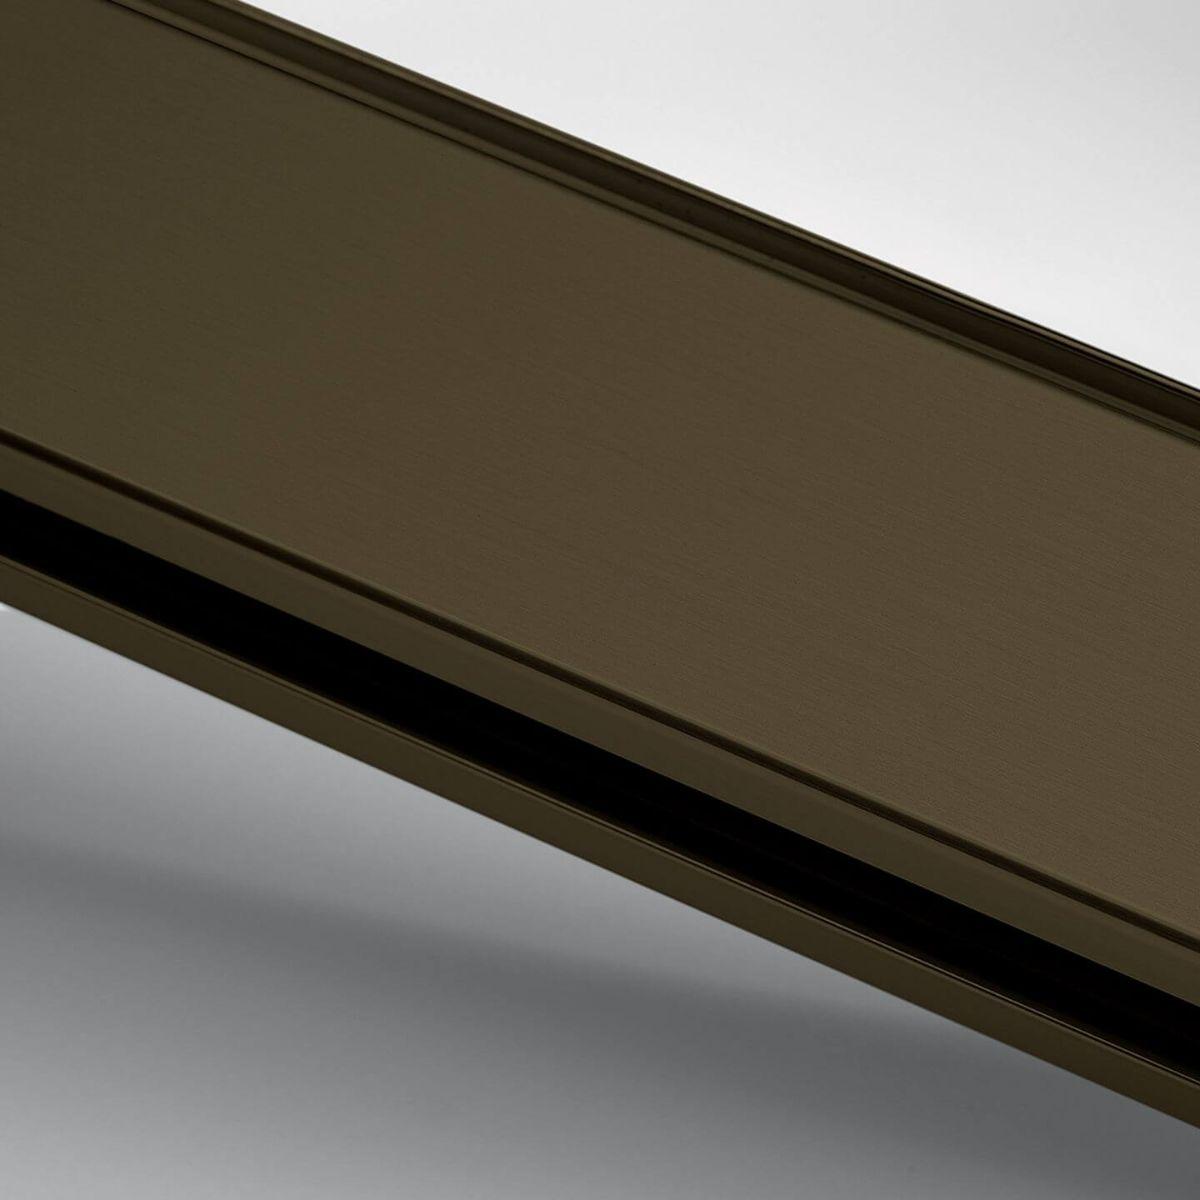 Finitura alluminio anodizzato bronzo per parete in vetro